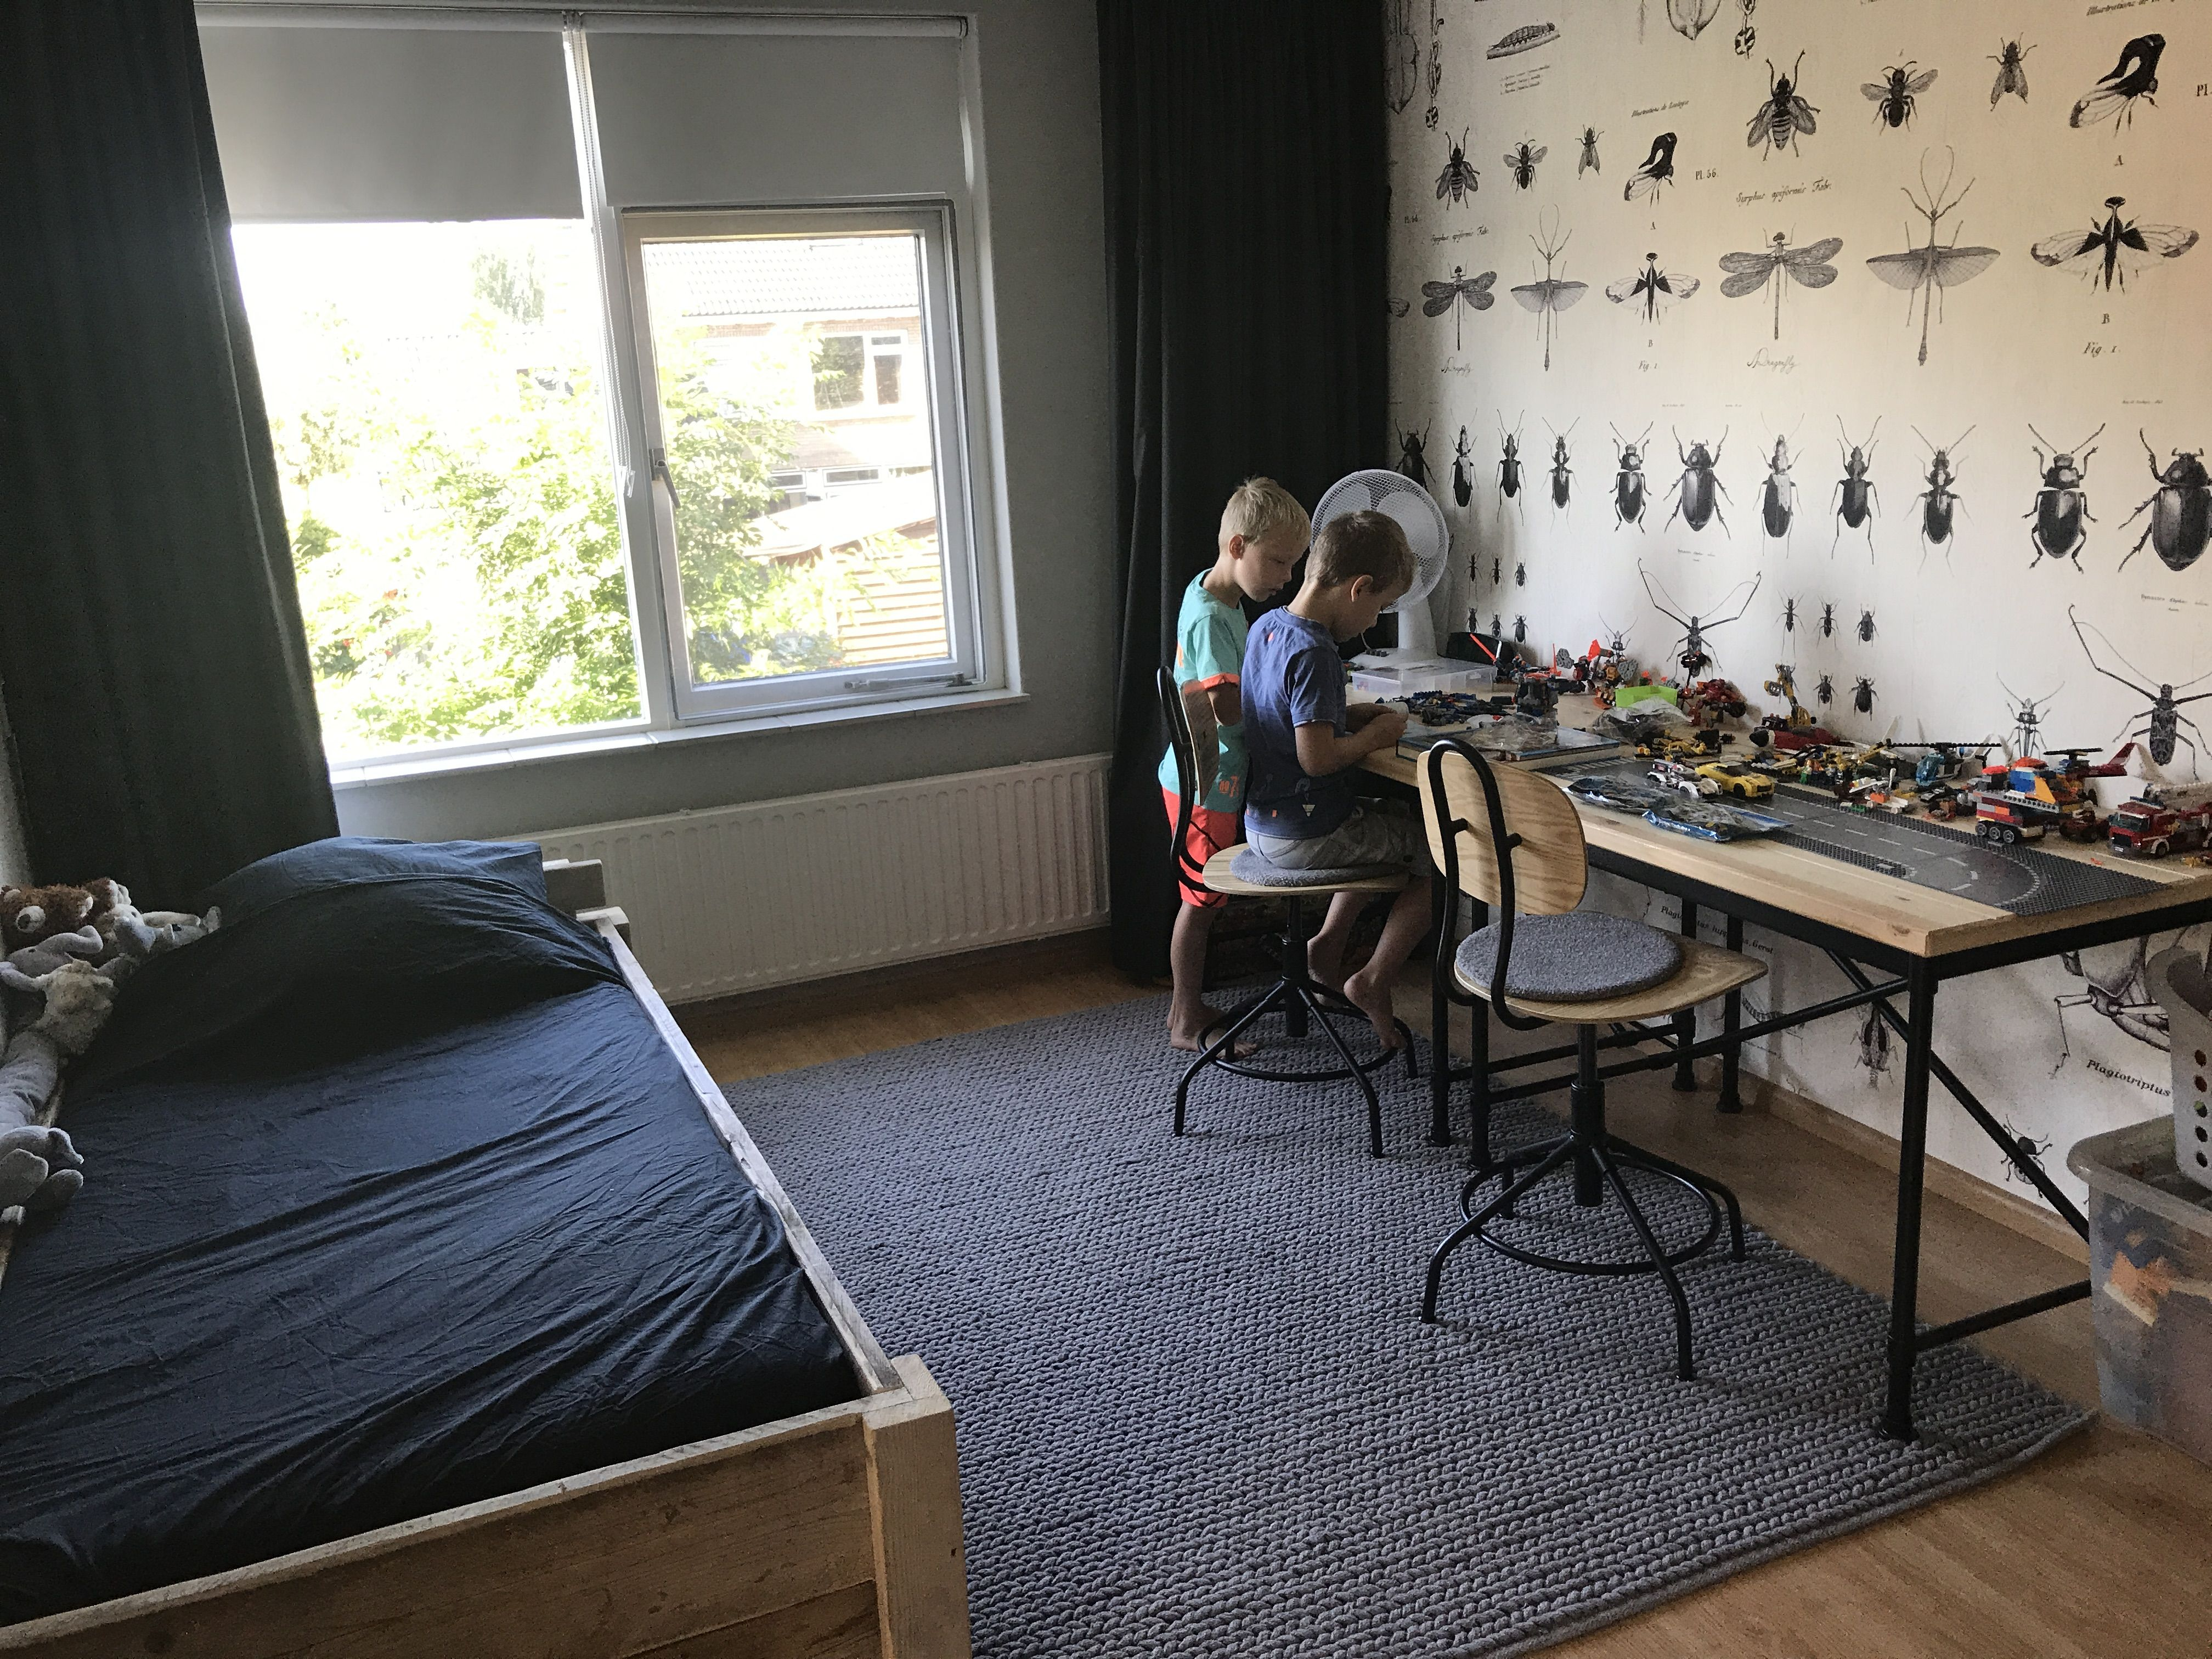 Leen Bakker Slaapkamer : Slaapkamer jongen jaar muren f b pavilion grey behang onszelf